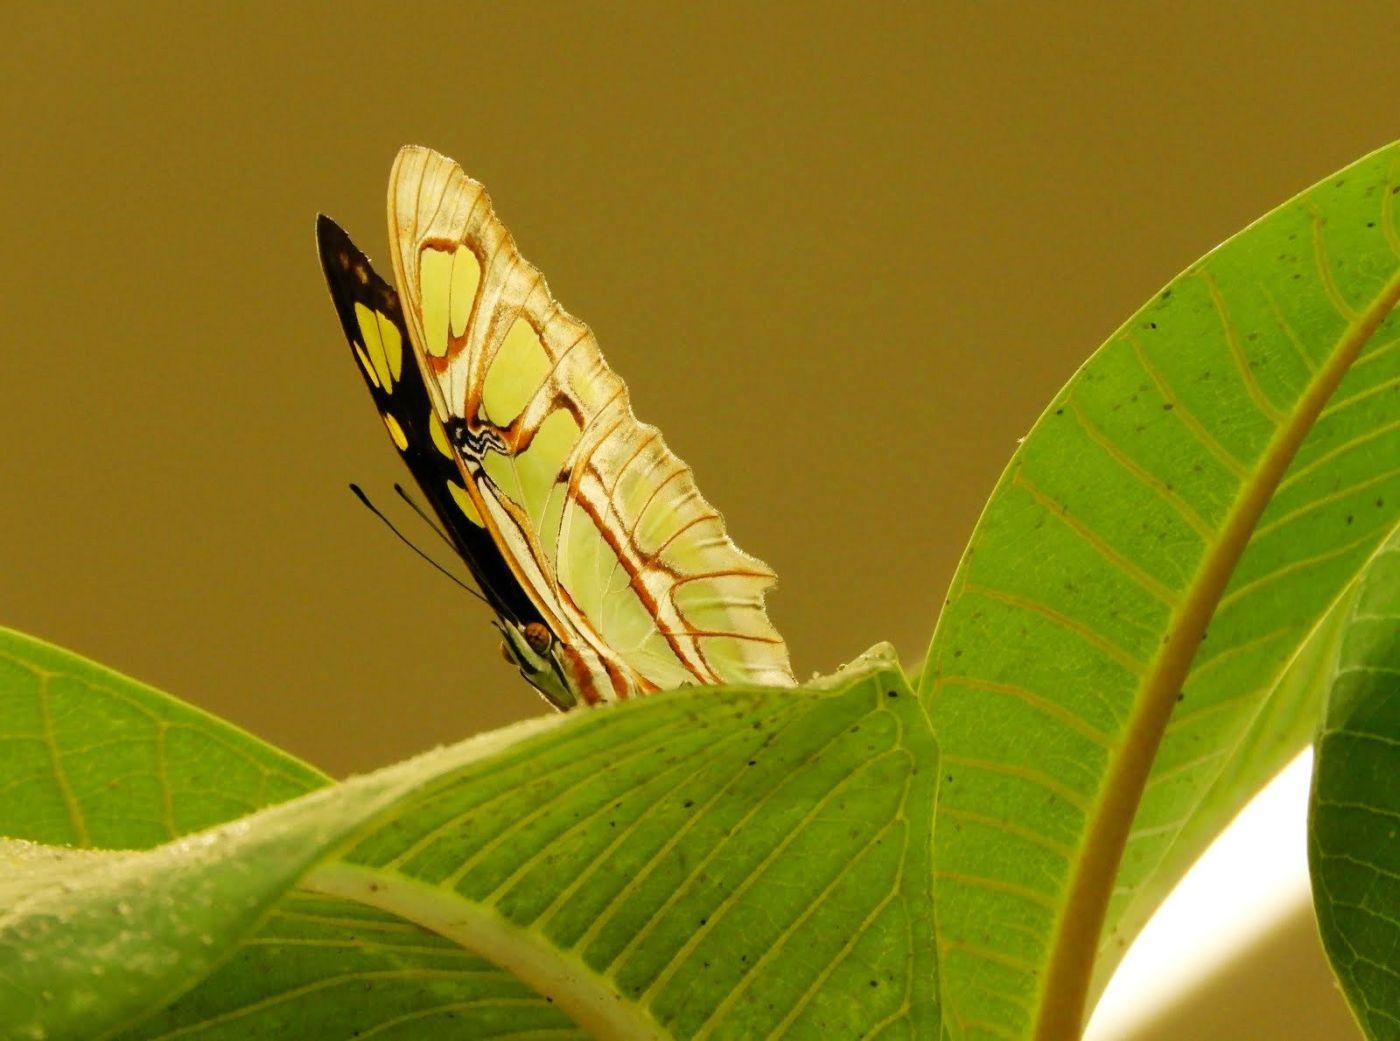 赫尔希花园看蝴蝶_图1-8